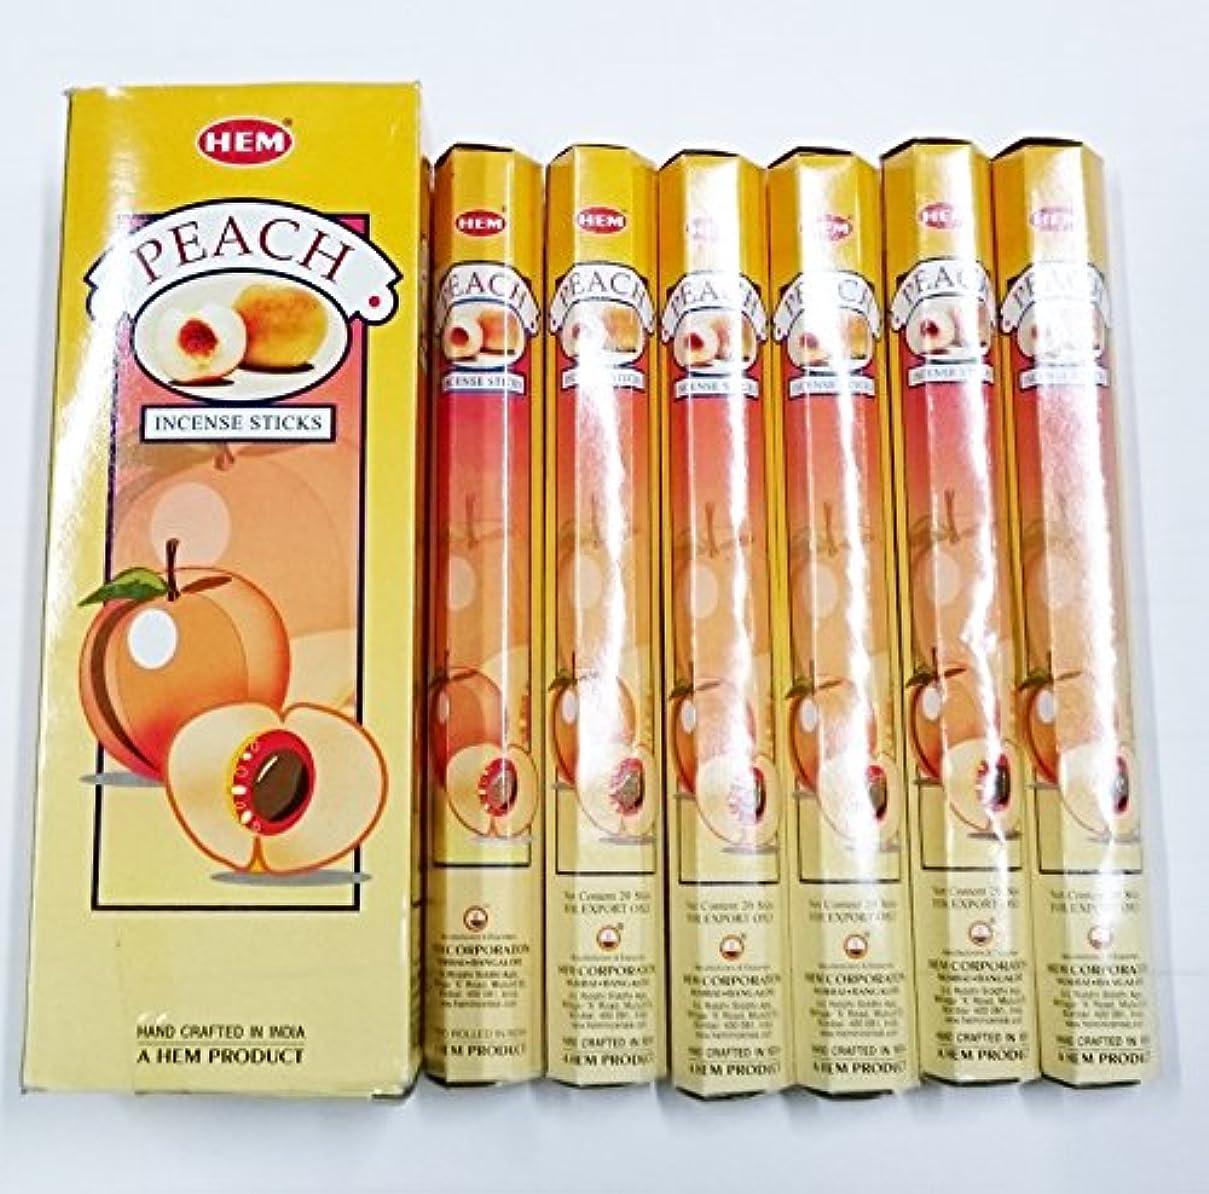 アイドル見つけた舌HEM (ヘム) インセンス スティック へキサパック ピーチ香 6角(20本入)×6箱 [並行輸入品]Peach